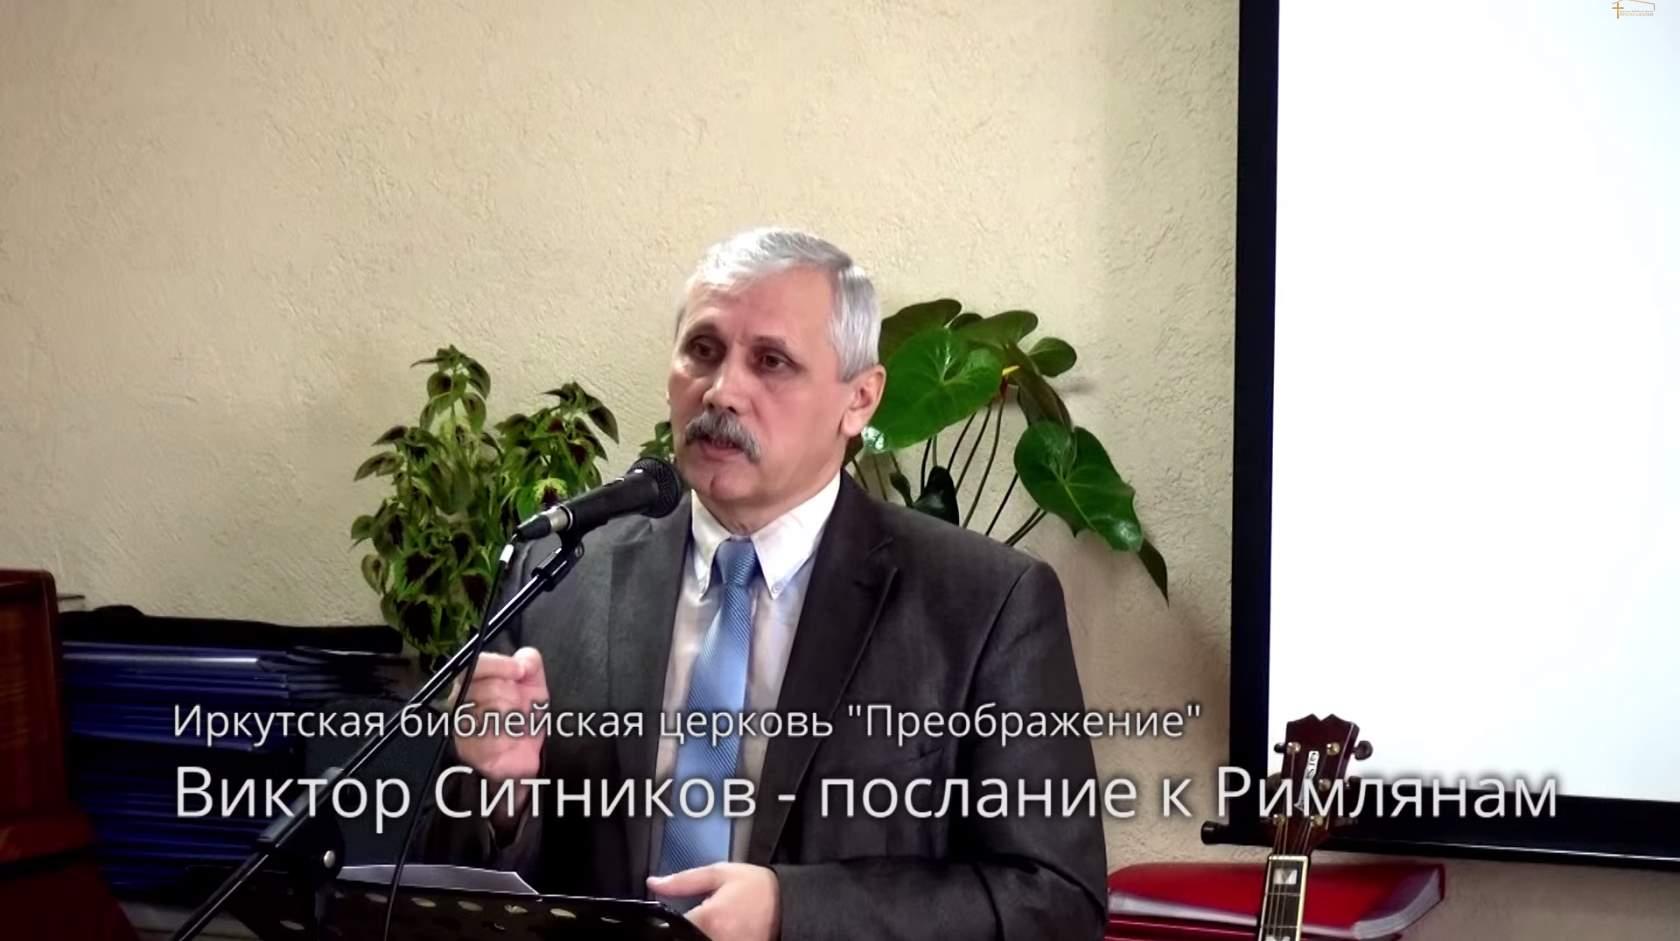 Виктор Ситников — послание к Римлянам